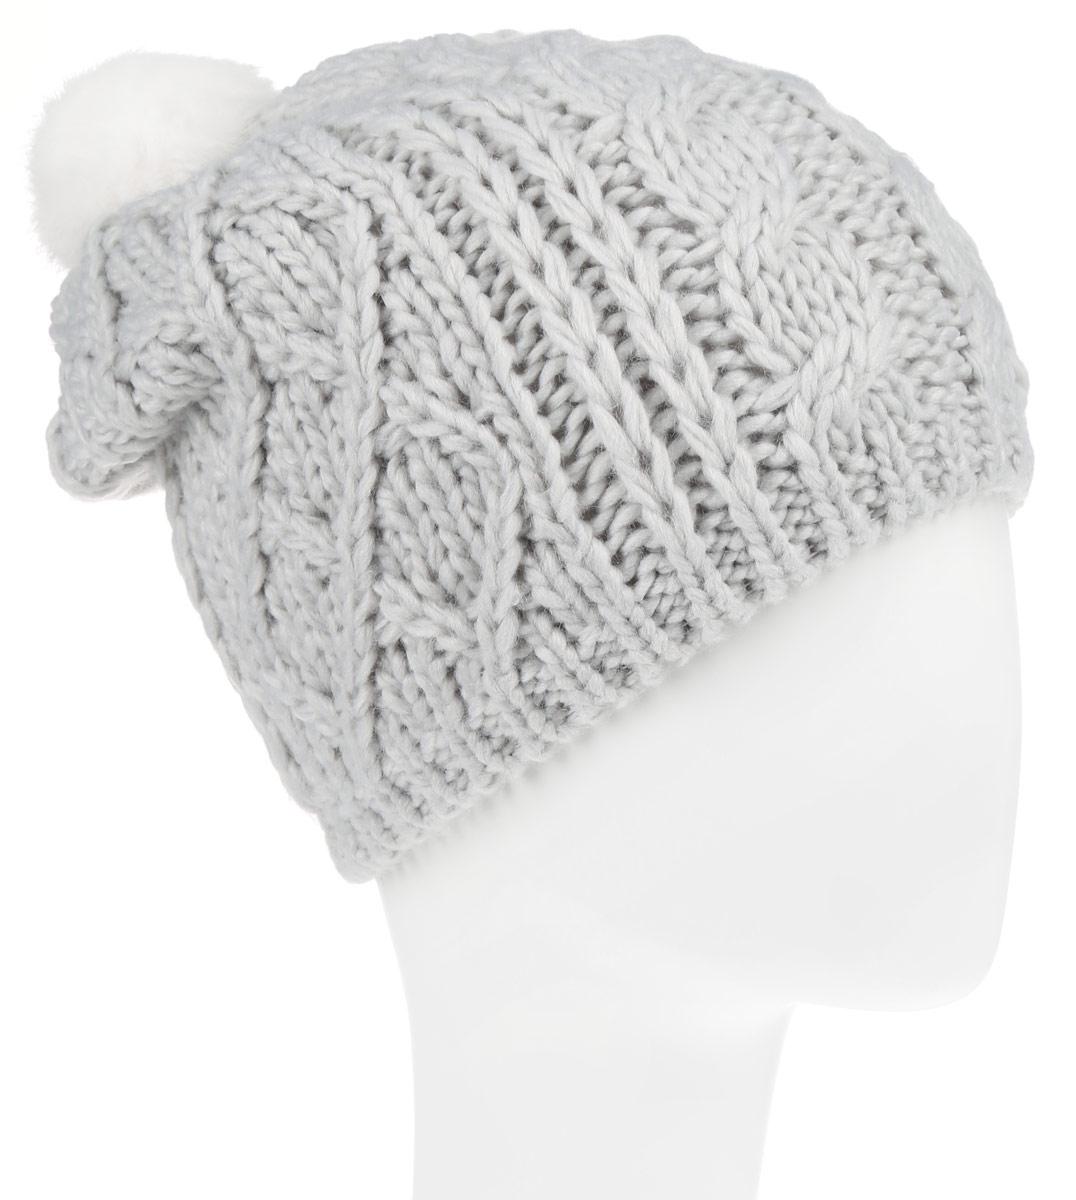 Шапка для девочки Sela, цвет: светло-серый. HAk-641/016-6303. Размер 54/56HAk-641/016-6303Вязаная шапка Sela для девочек станет идеальным дополнением к вашему образу в холодную погоду. Изделие приятное на ощупь, максимально сохраняет тепло. Благодаря эластичной вязке, модель идеально прилегает к голове.Оформлено изделие крупным вязаным узором и дополнено не большим меховым пушистым помпоном. Край шапки связан резинкой. Внутри - флисовая подкладка.Такой стильный и теплый аксессуар подчеркнет вашу индивидуальность. Шапка надежно защитит от холода и создаст ощущение комфорта.